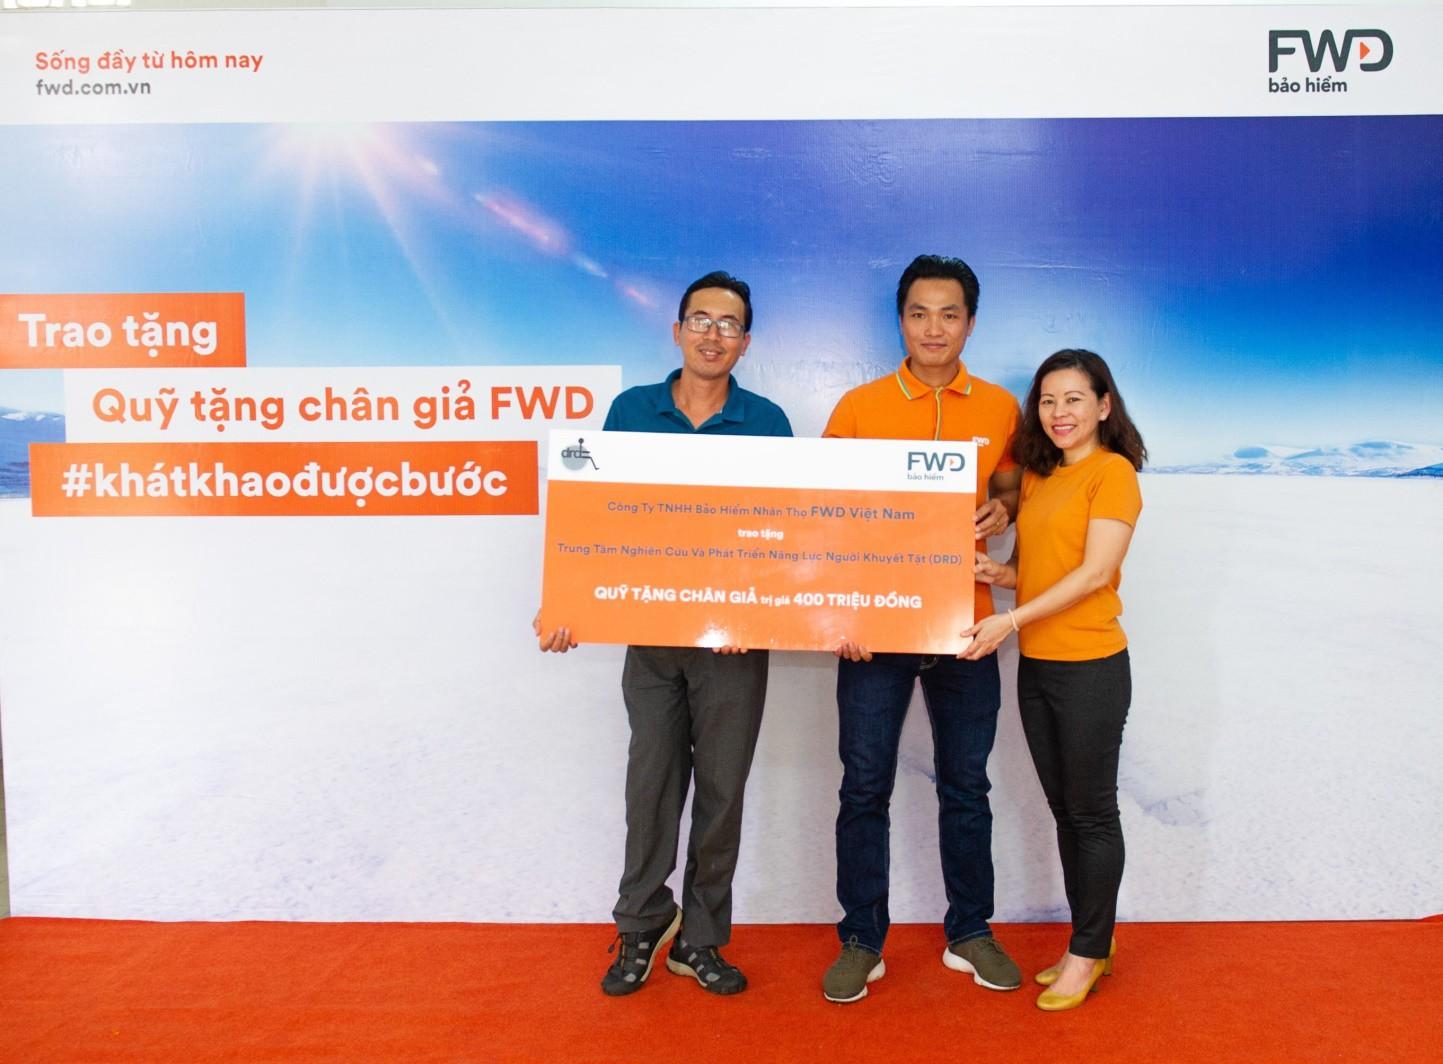 """Bảo hiểm FWD trao Quỹ tặng chân giả """"tiếp bước cho những đôi chân khát khao được bước"""" - Ảnh 1."""